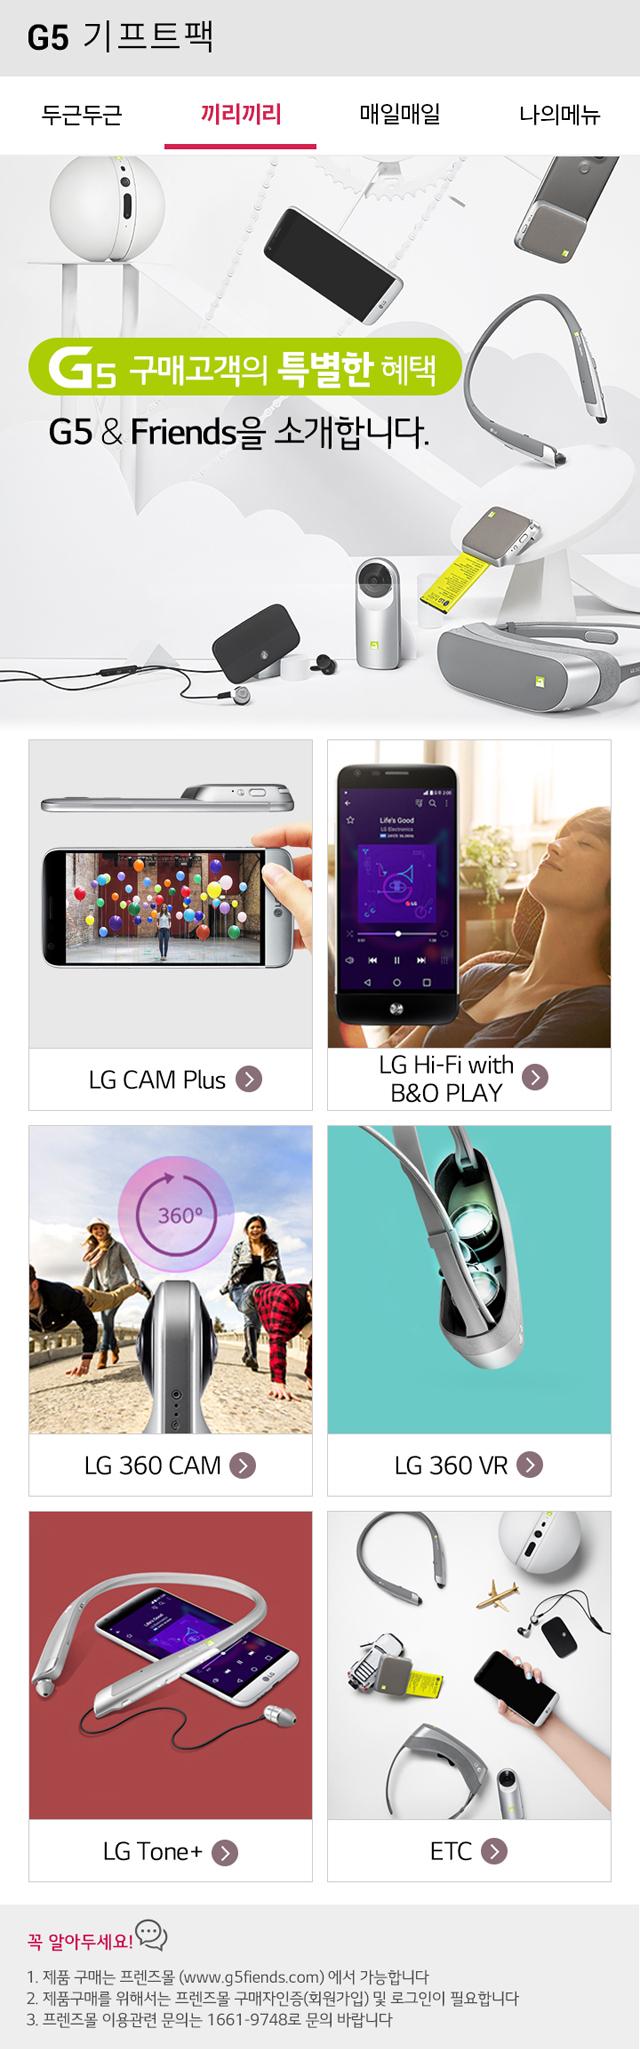 G5 기프트팩 및 프렌즈 이미지